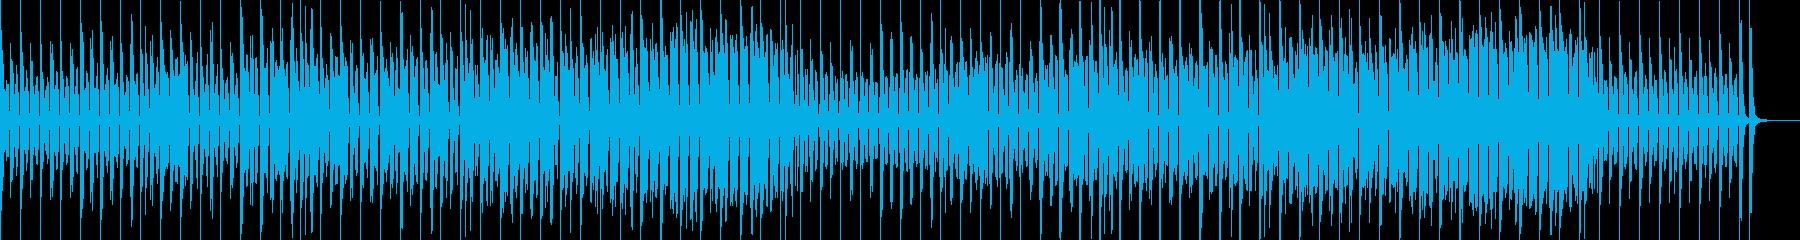 リコーダーとトランペットの楽しいマーチの再生済みの波形